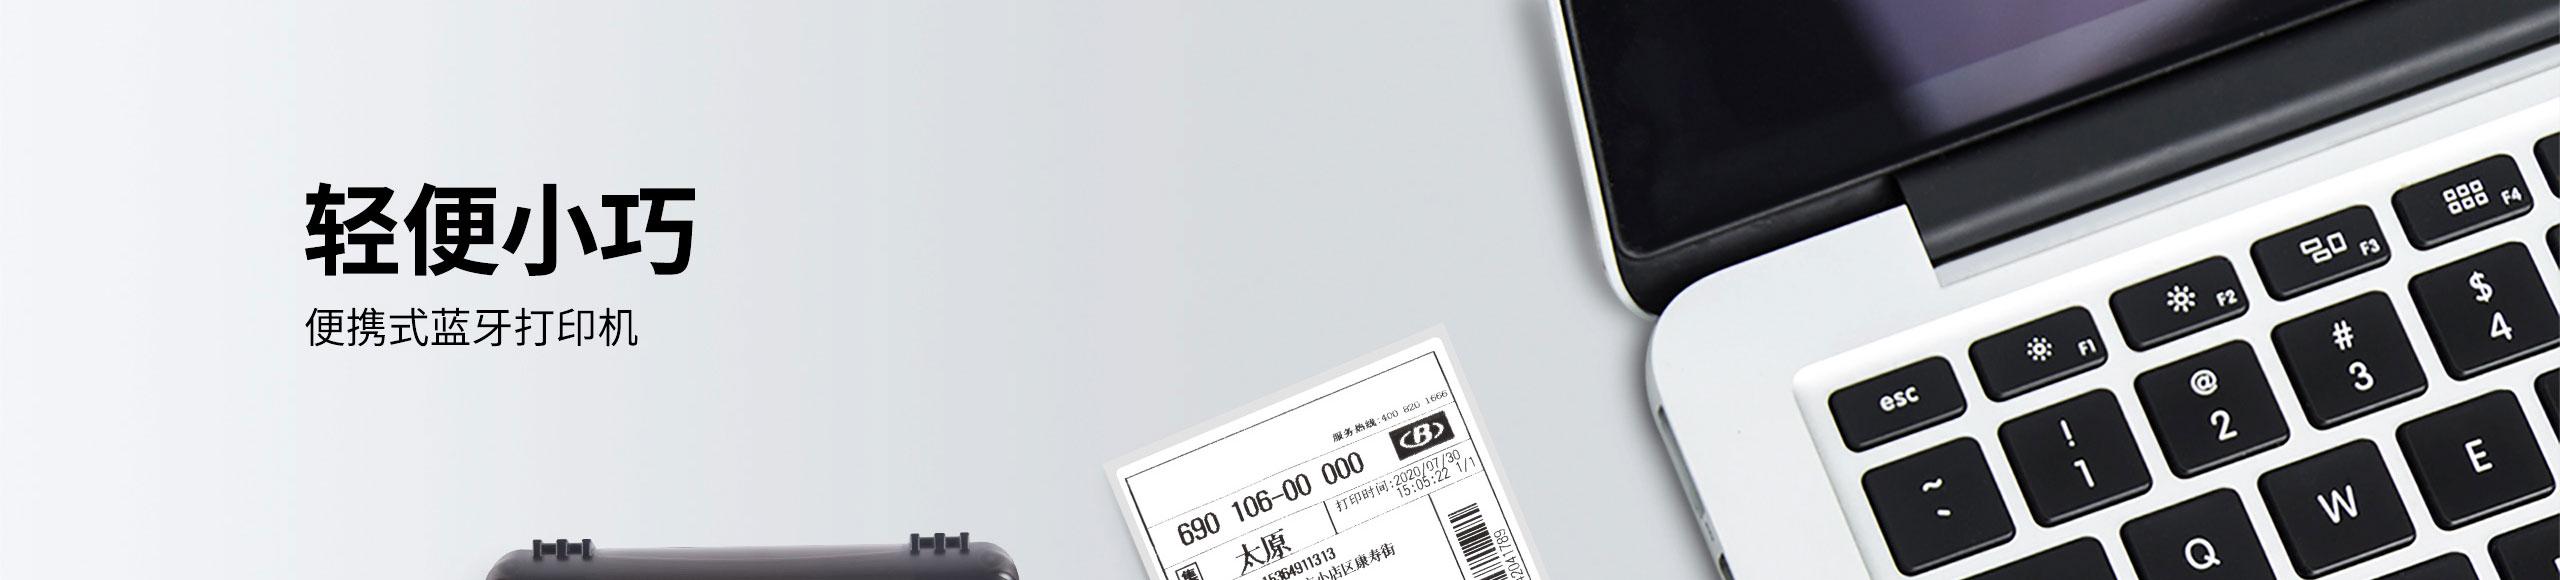 汉印HM-A300便捷式蓝牙打印机  第5张